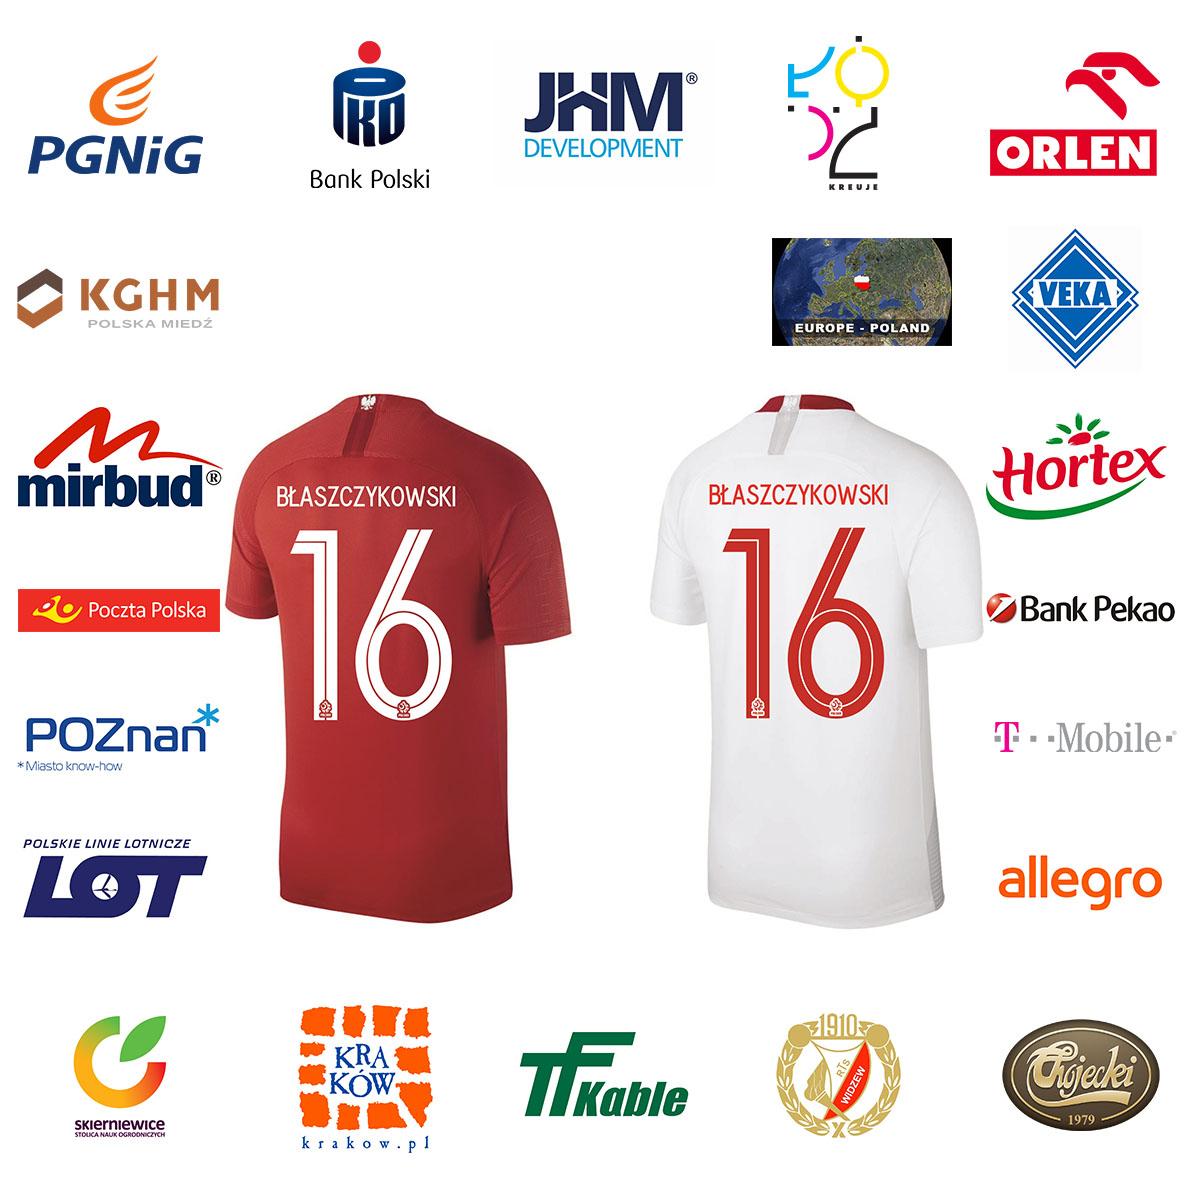 Koszulka Nike Polska BŁASZCZYKOWSKI 16 size S